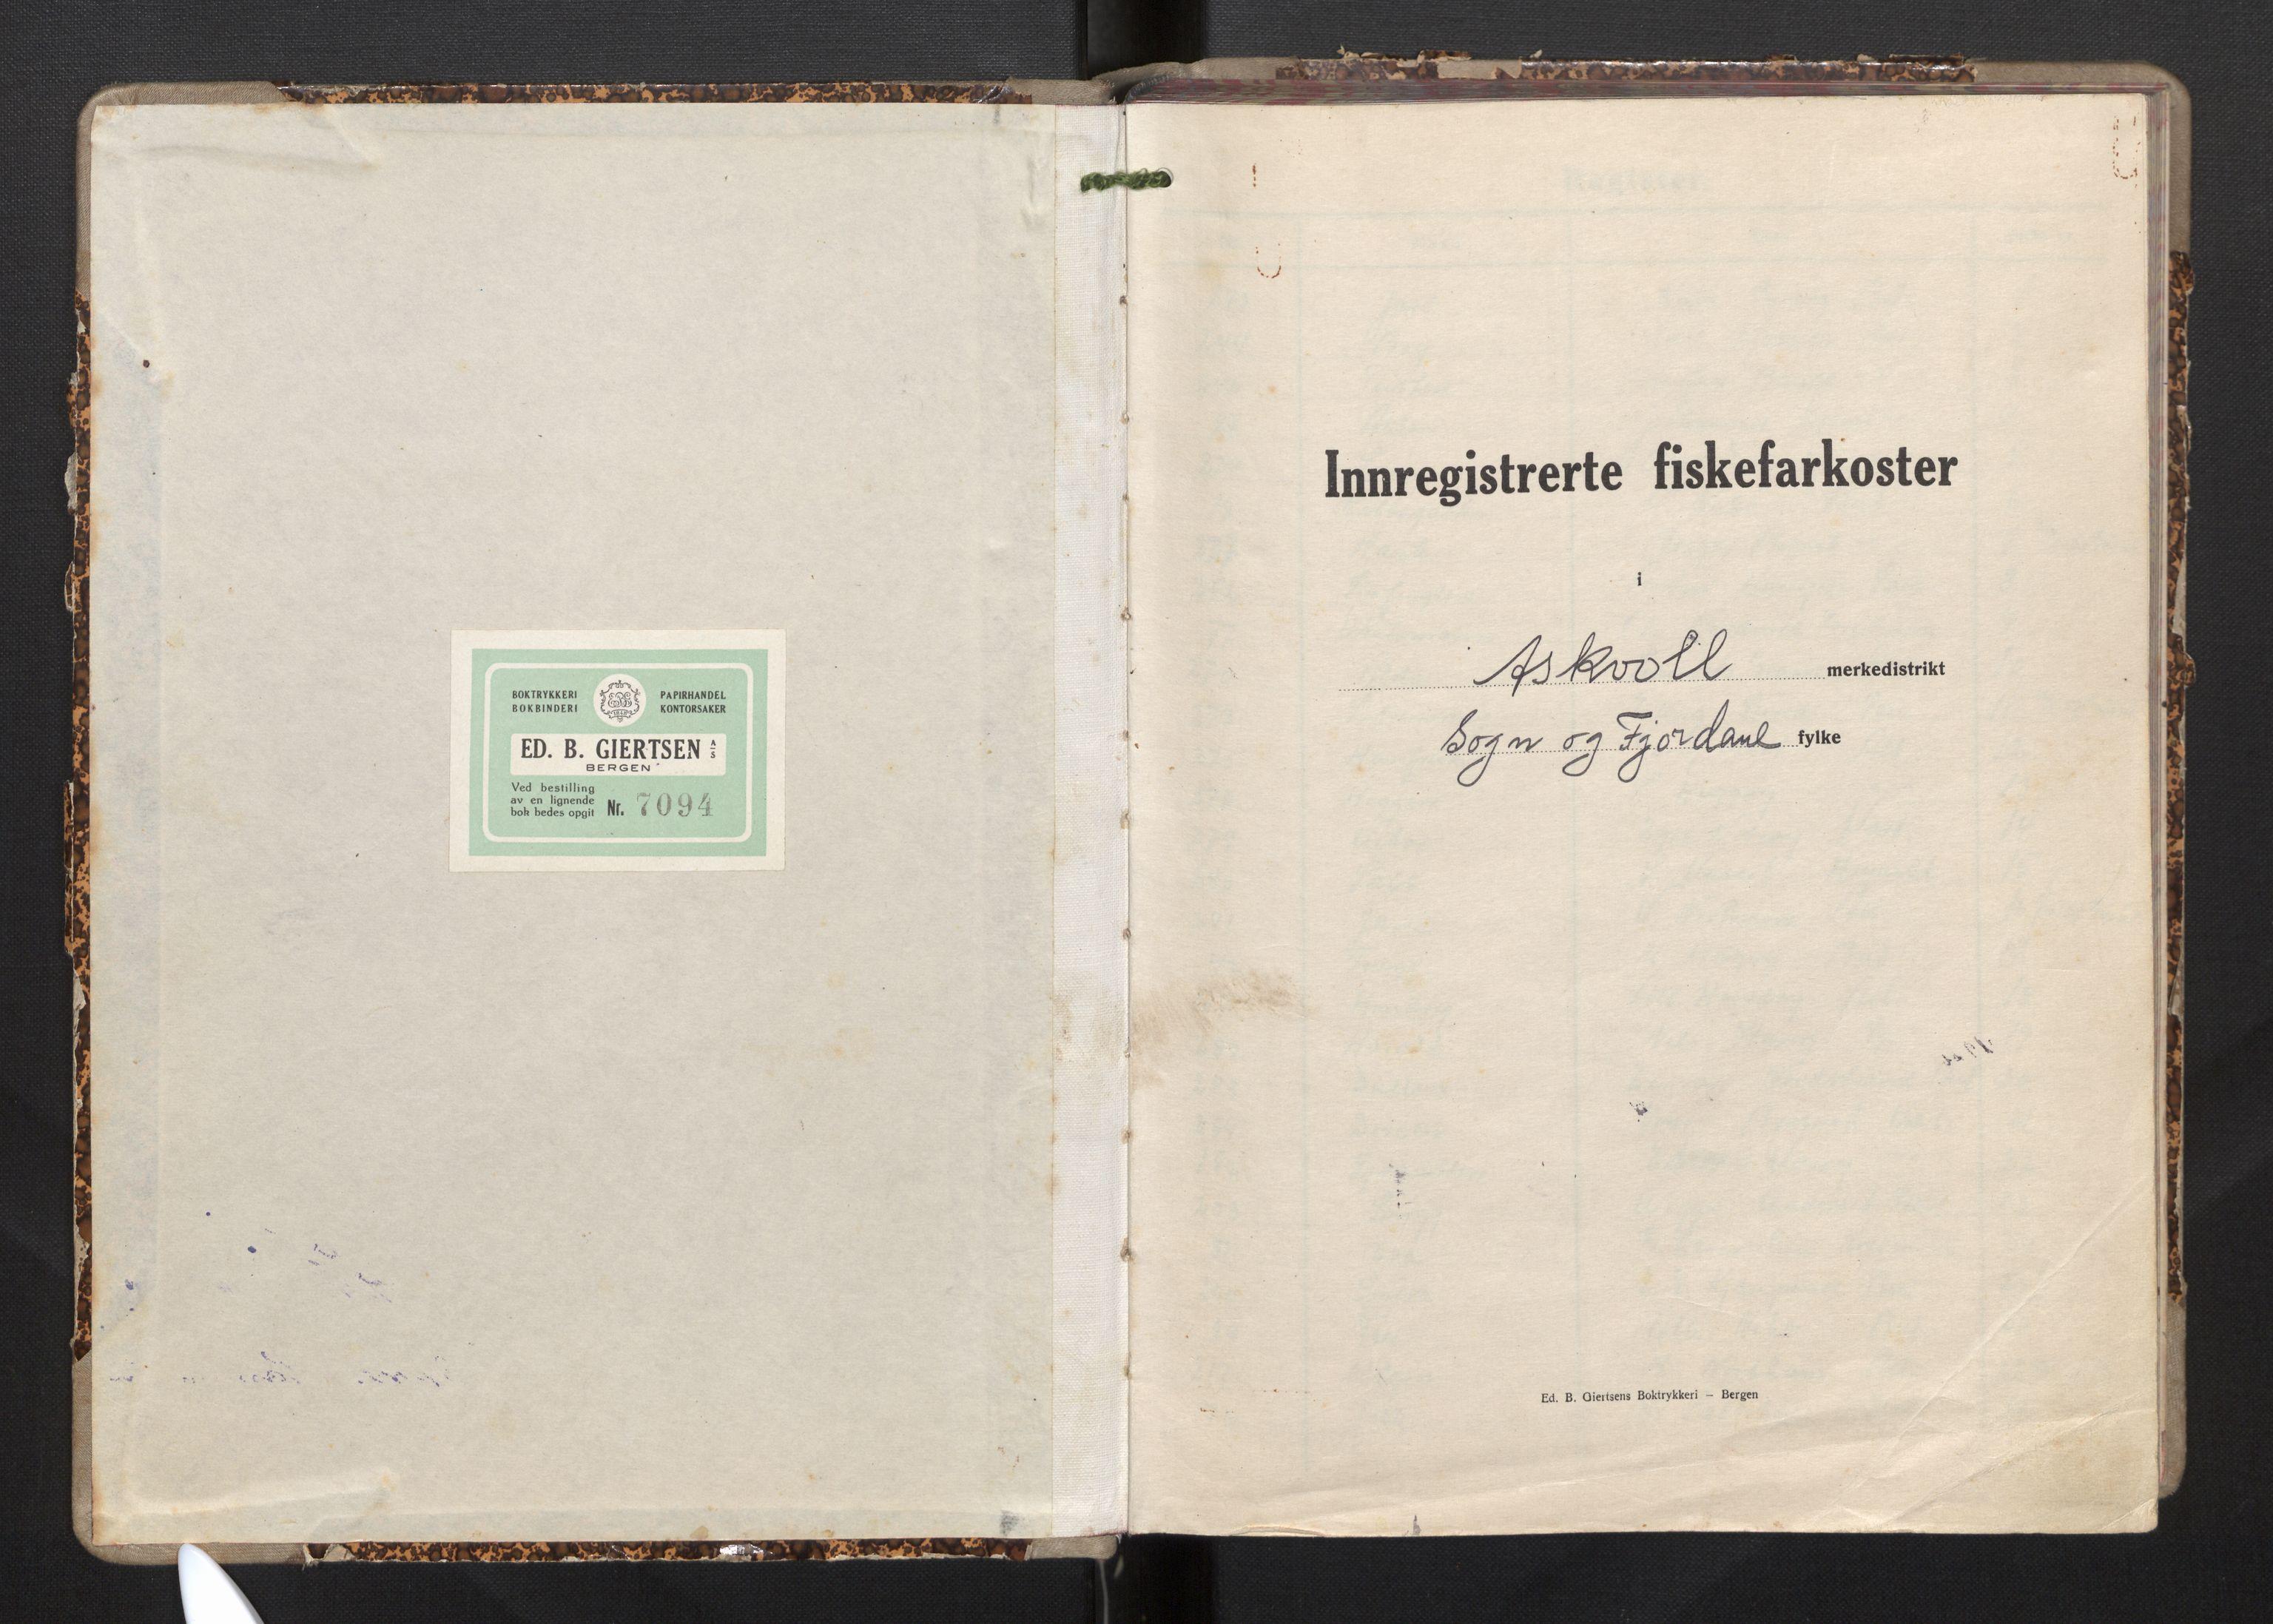 SAB, Fiskeridirektoratet - 1 Adm. ledelse - 13 Båtkontoret, I/Ia/Iag/L0003: 135.0701/3 Merkeprotokoll - Askvoll, 1945-1963